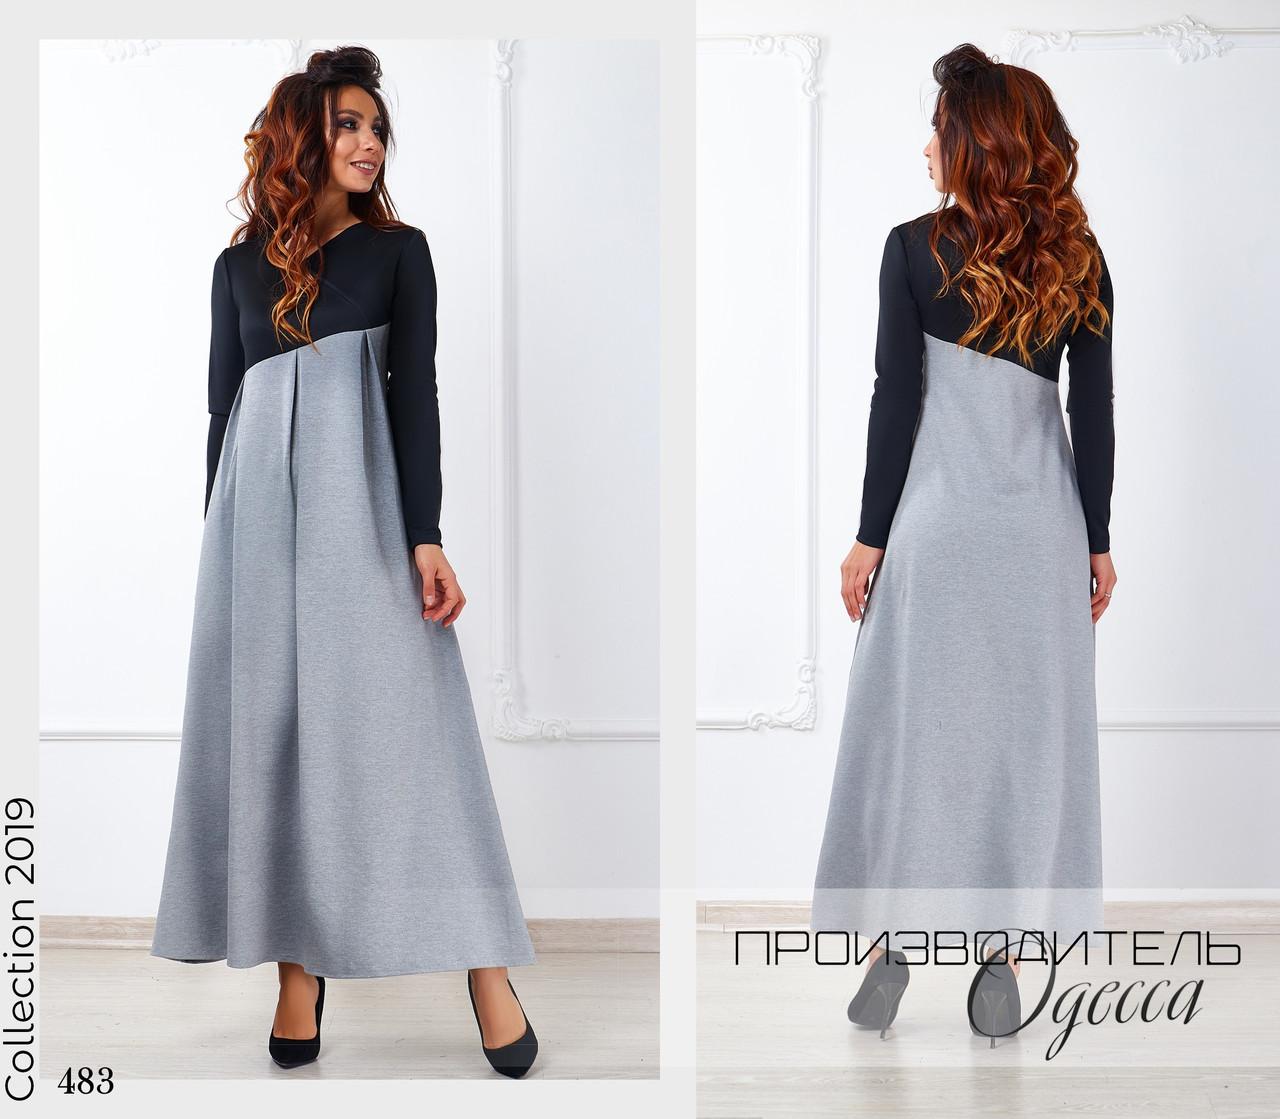 ea896e59990 Платье повседневное длинное двухцветное французский трикотаж 42-44 ...